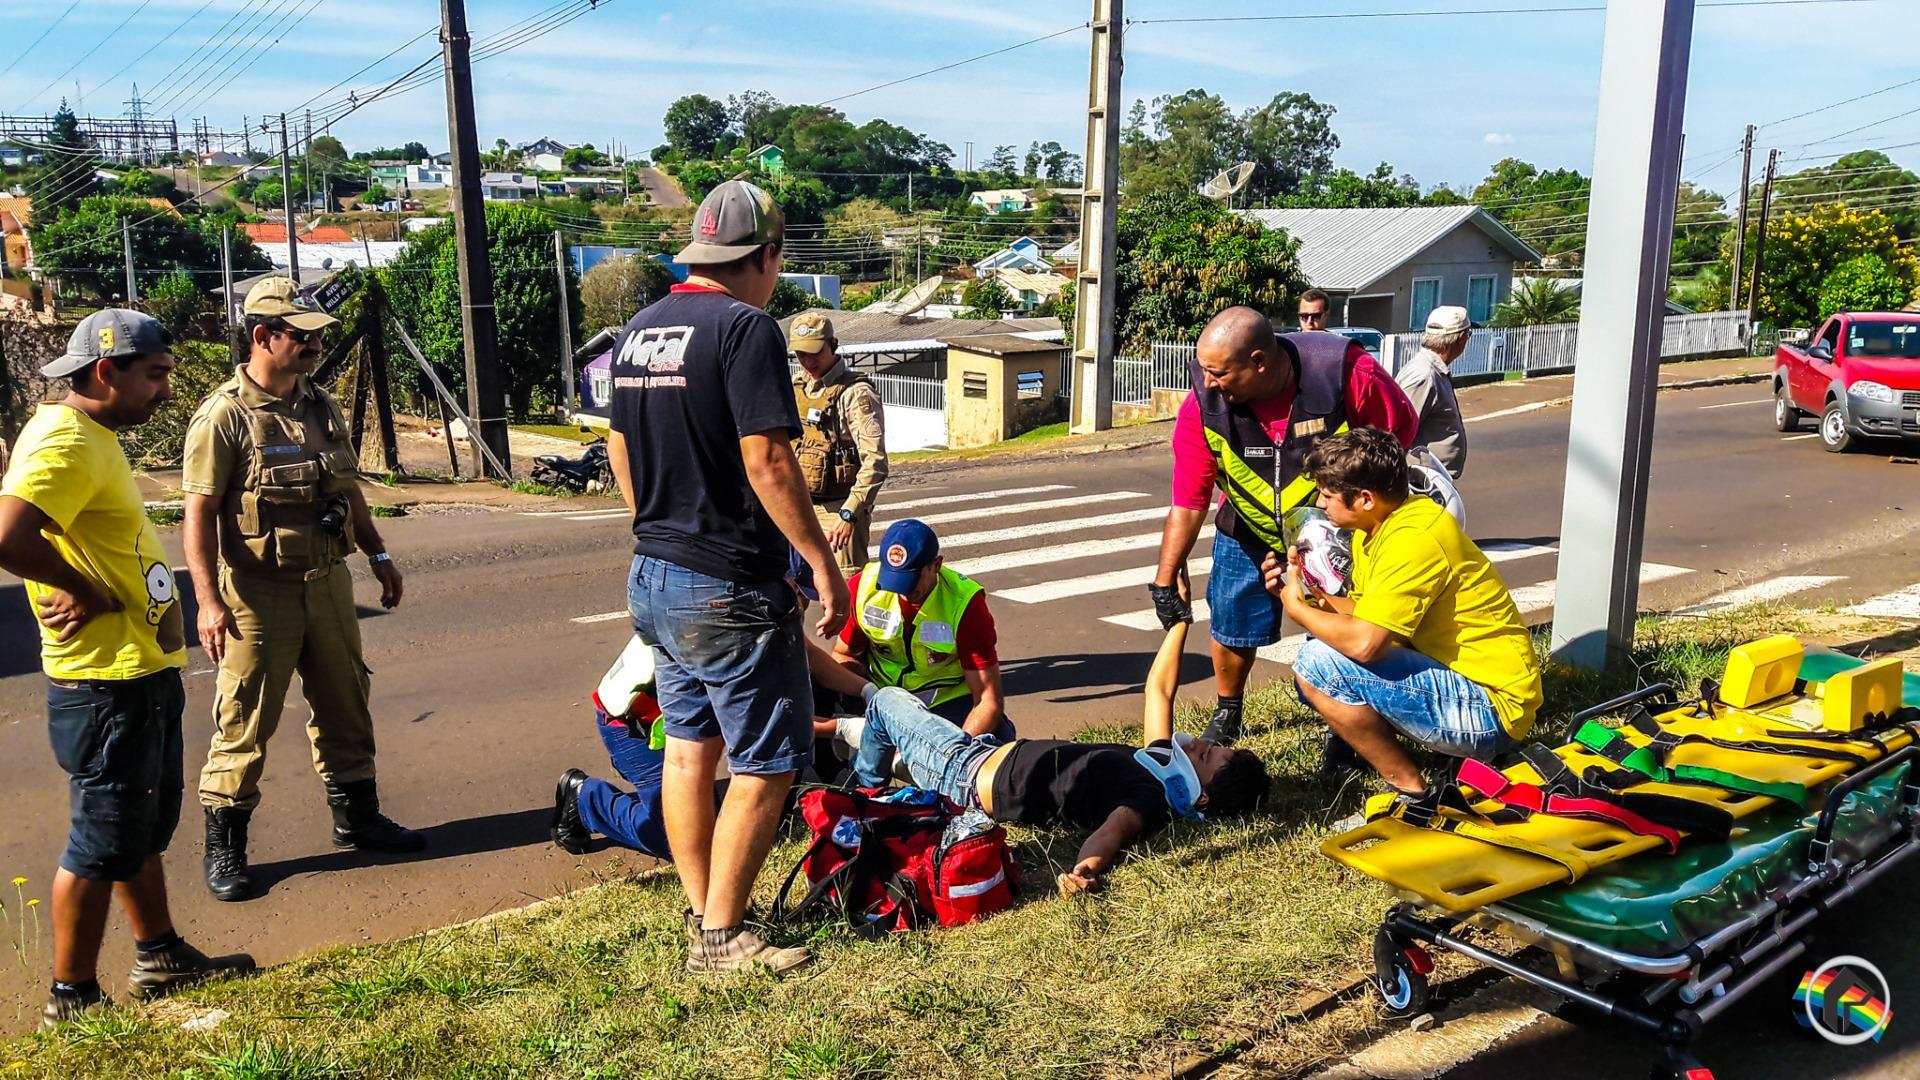 VÍDEO: Acidente com moto deixa jovem com ferimentos graves na Willy Barth